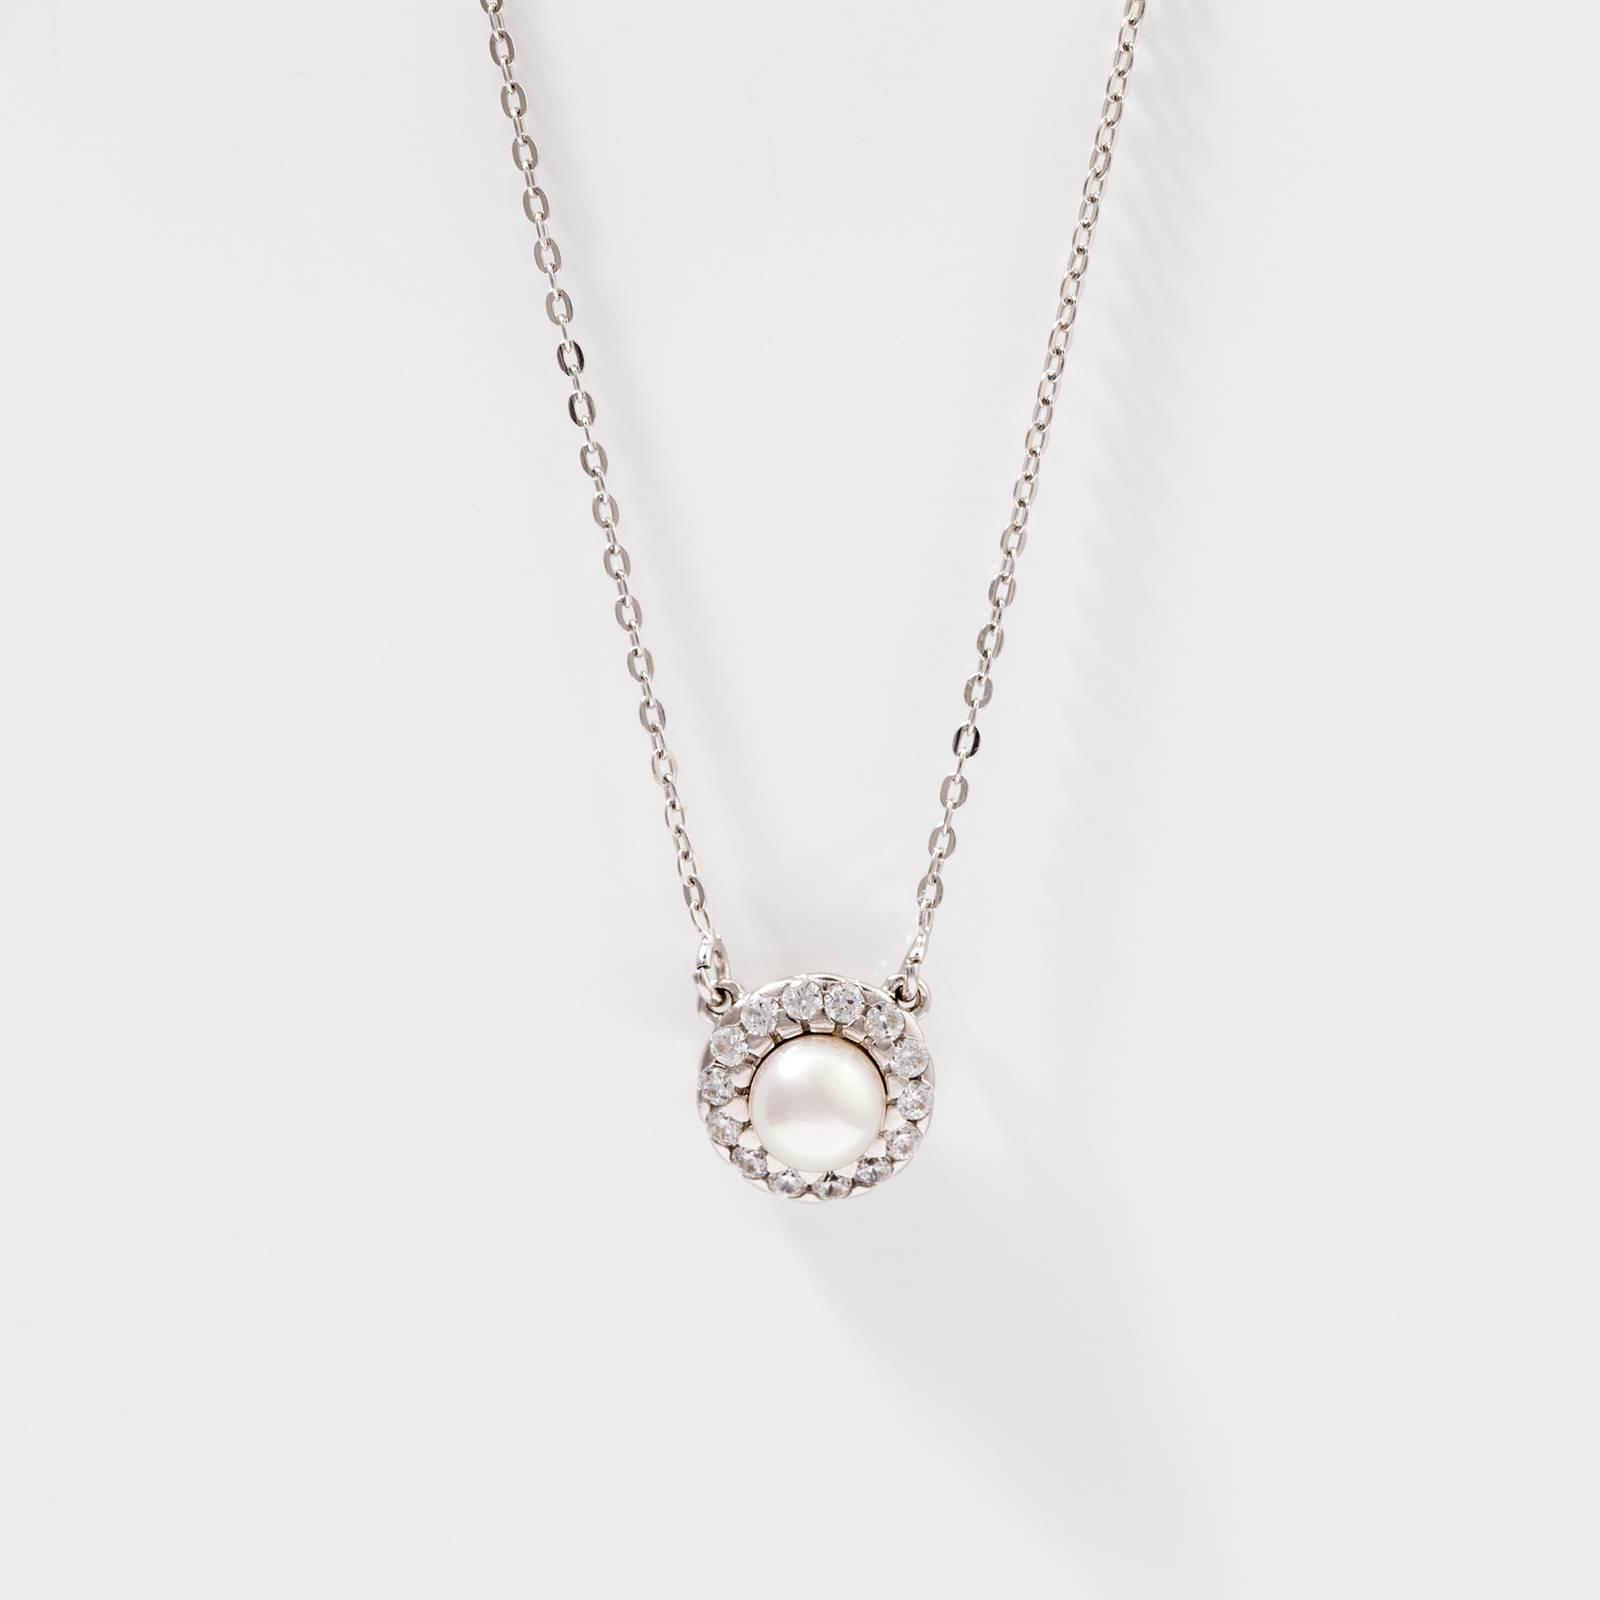 Colar Fine Silver - 15254.01.2